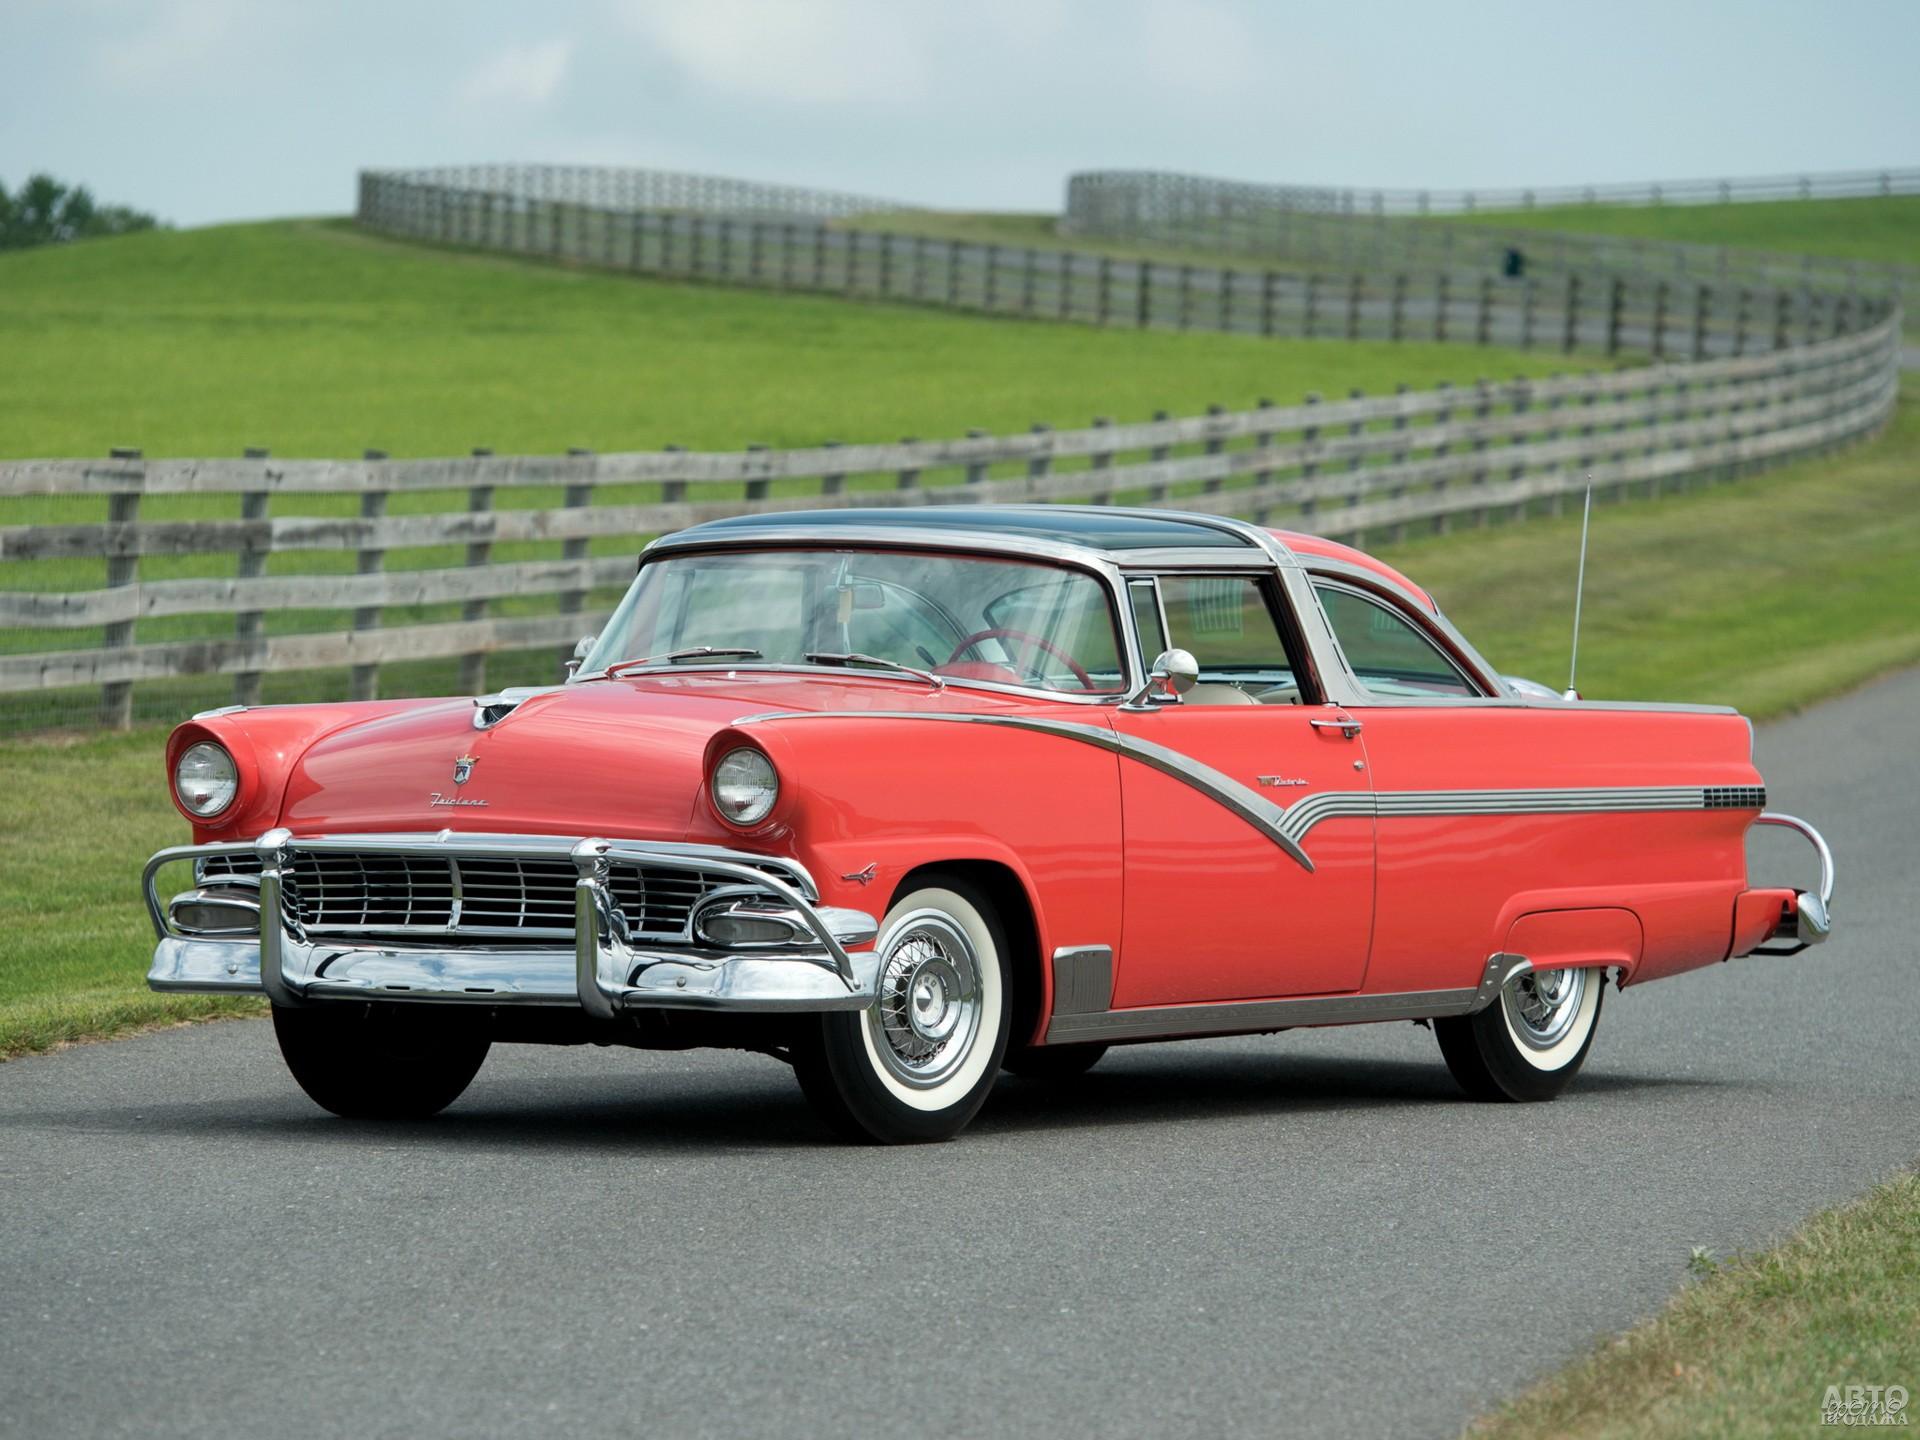 Ford 1956 года предлагали в кредит за 56 долларов в месяц